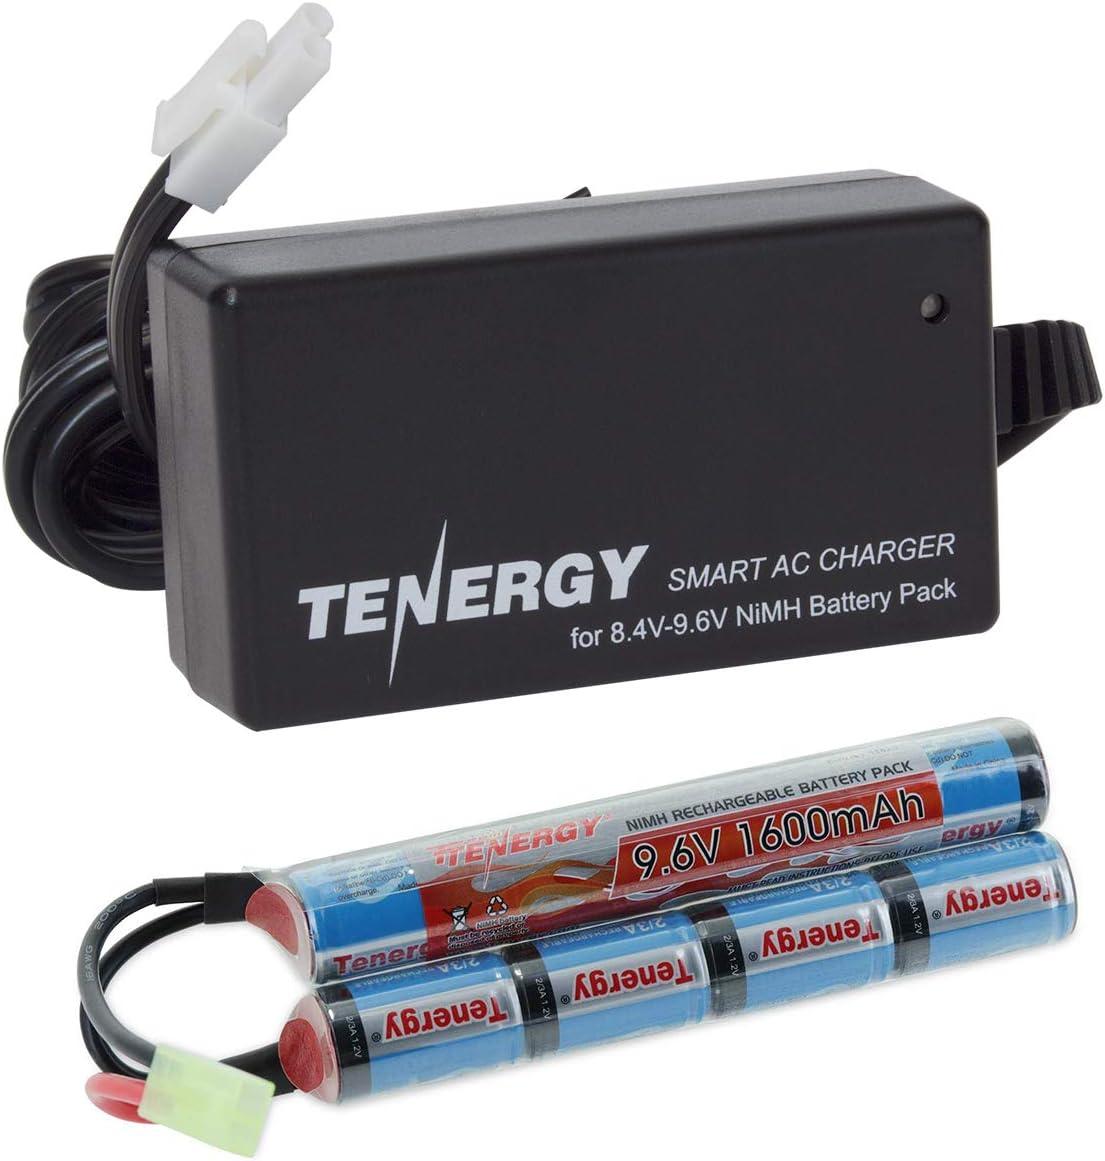 Tenergy 9.6V Airsoft Battery 1600mAh NiMH Nunchuck Battery w / Mini Tamiya Connector para Airsoft Guns M4, Crane Stock, M110, SR25, M249, M240B, G36, M14, RPK, PKM, L85, AUG, G3 (Cargador opcional)